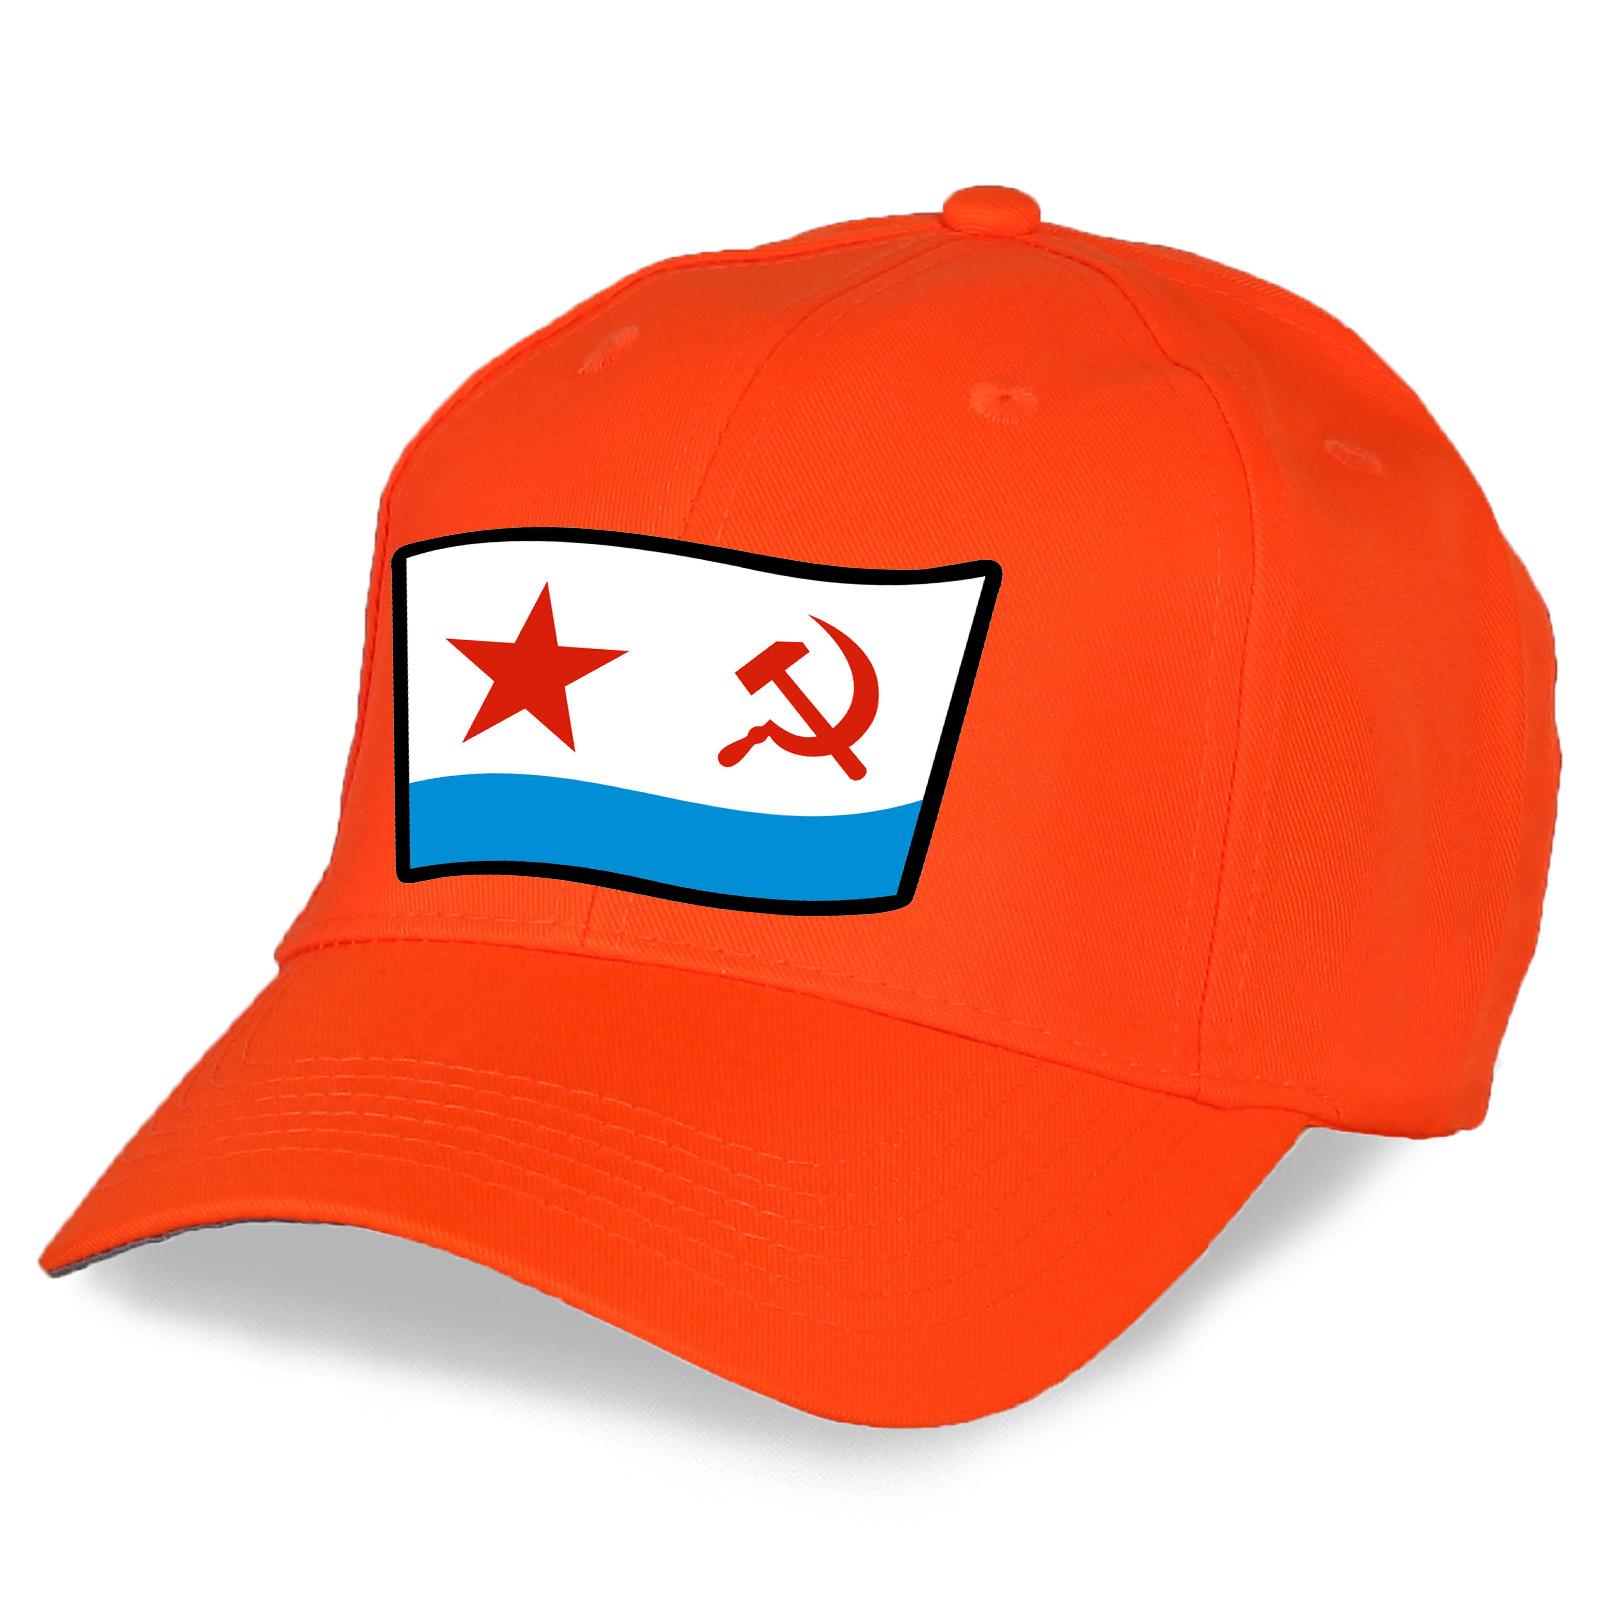 Бейсболка с принтом ВМФ СССР - купить с доставкой